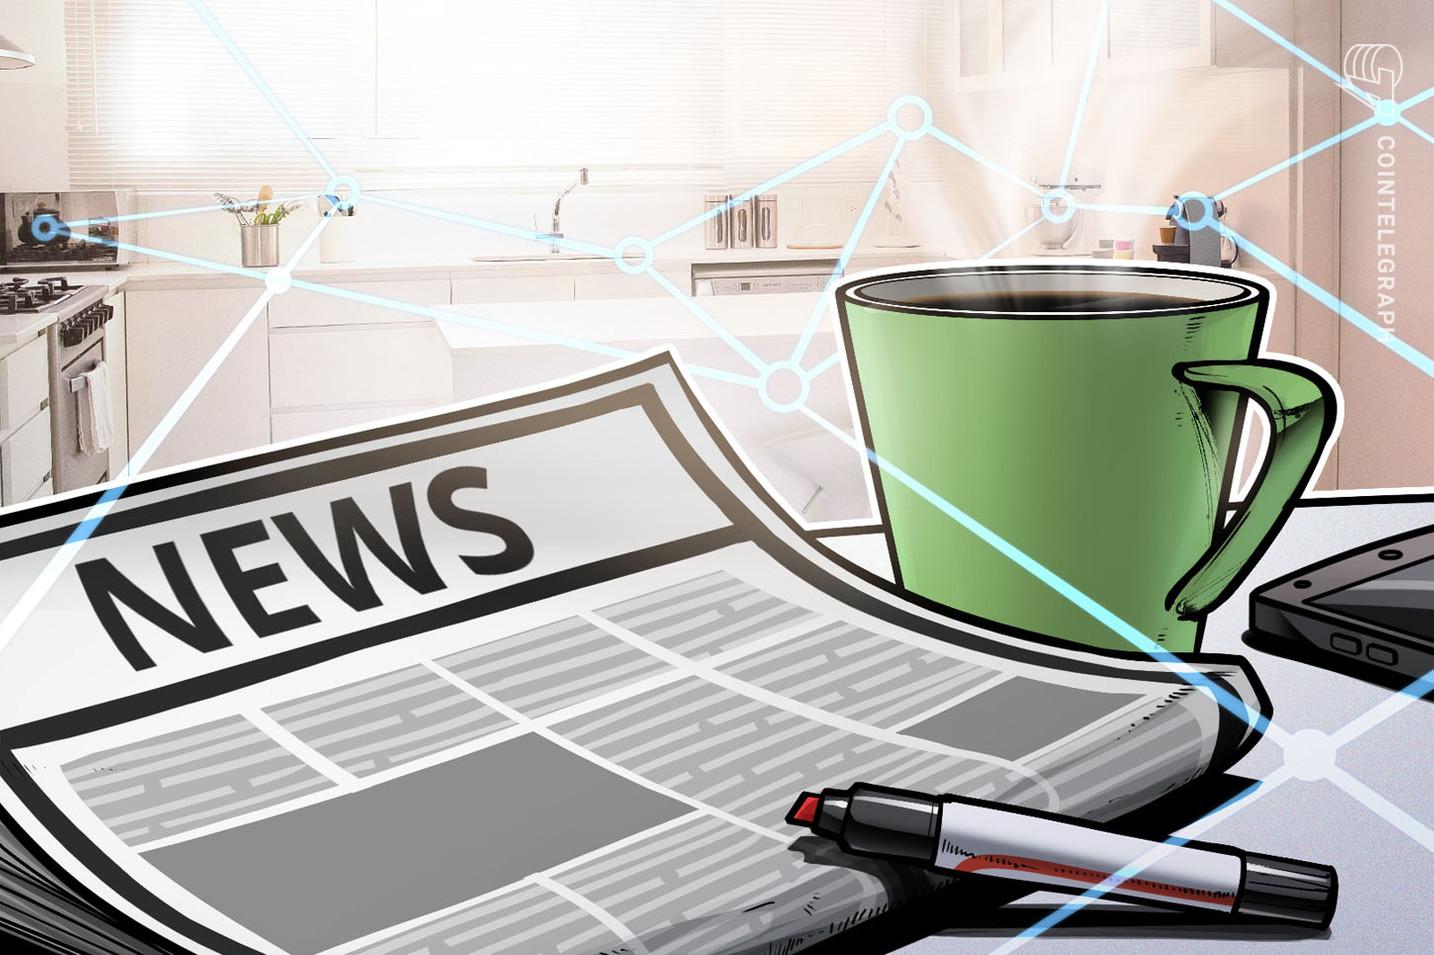 El Secretario del Tesoro de Estados Unidos, Mnuchin, expresa un nuevo pesimismo sobre el futuro de Bitcoin